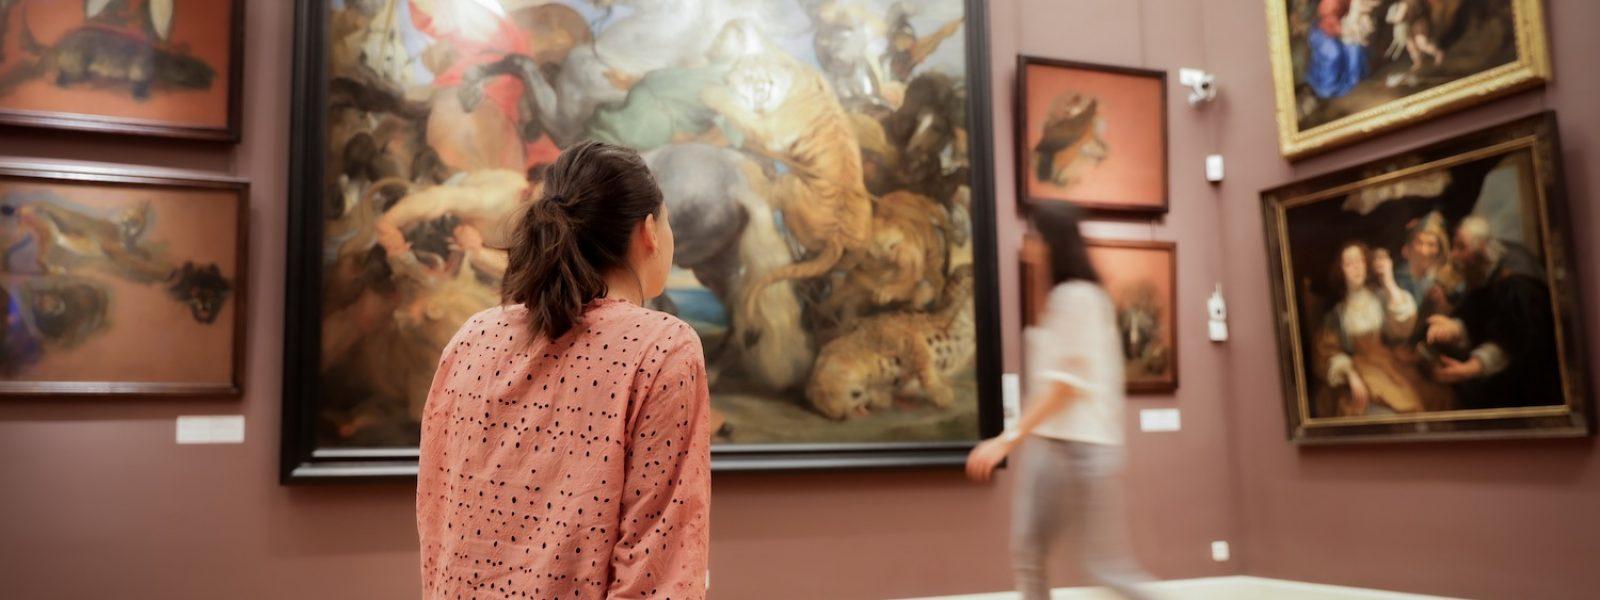 Les musées rouvrent leurs portes à partir du 19 mai